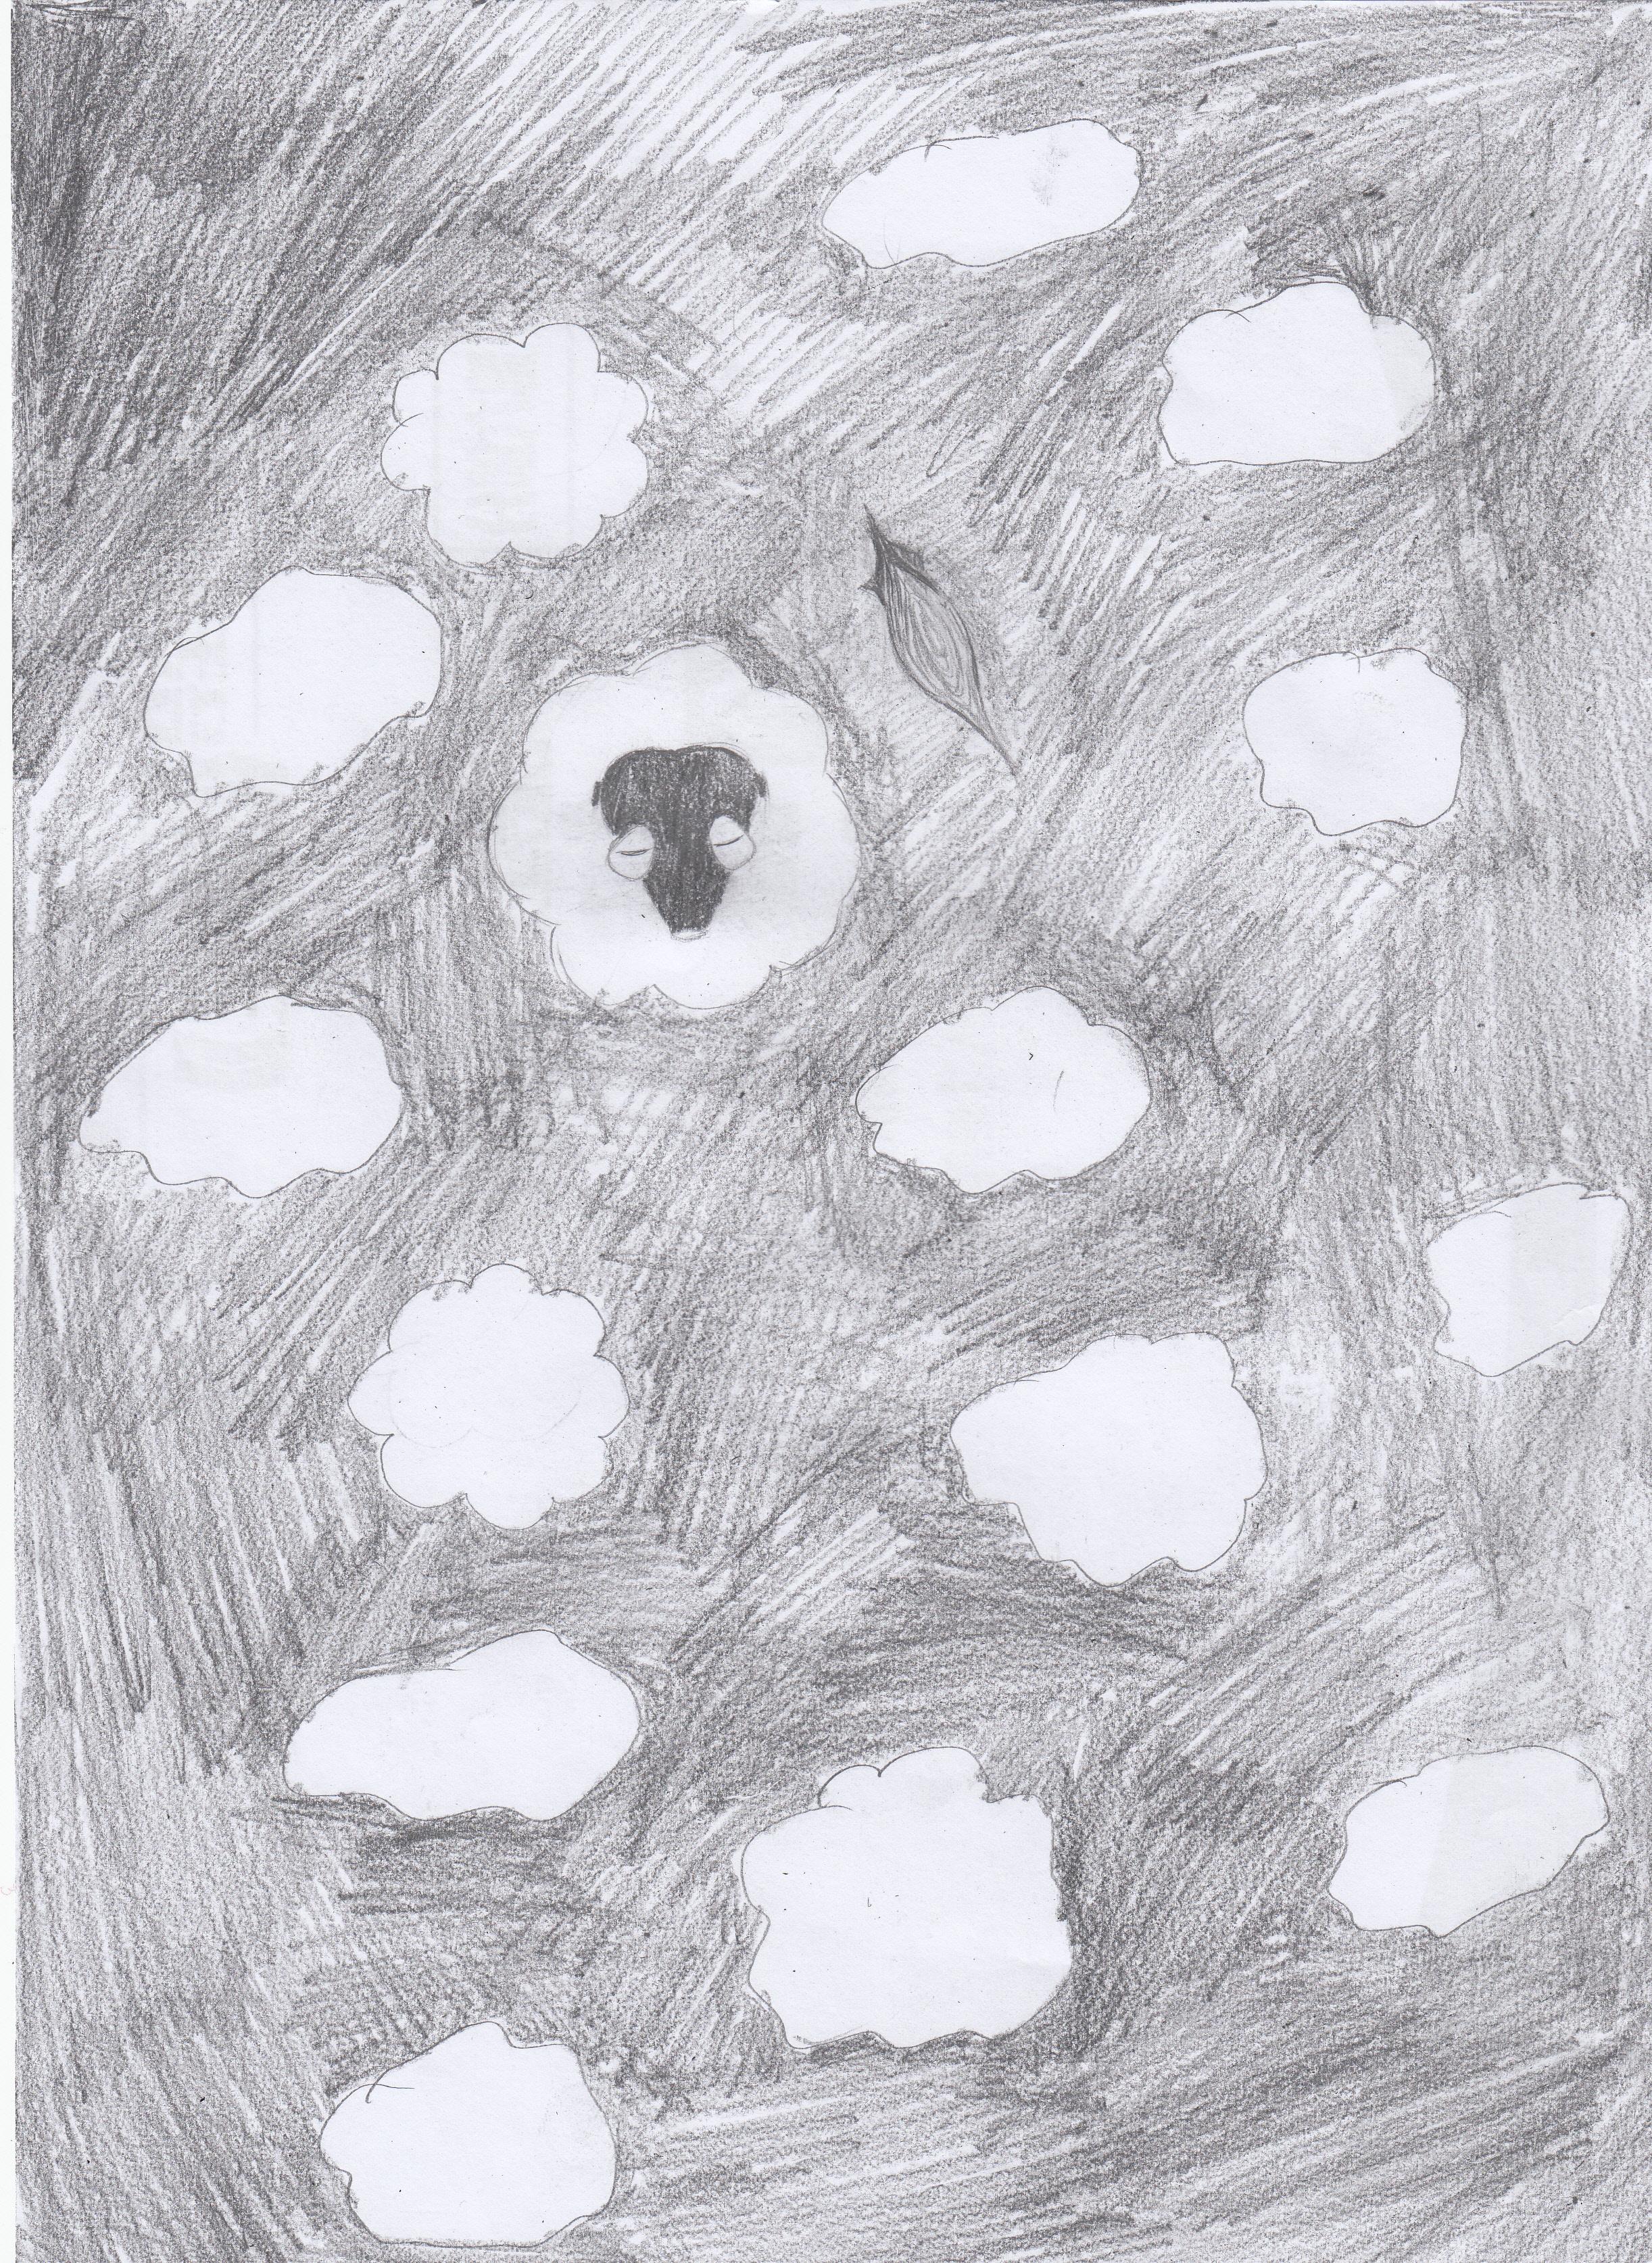 手绘云朵怎么画